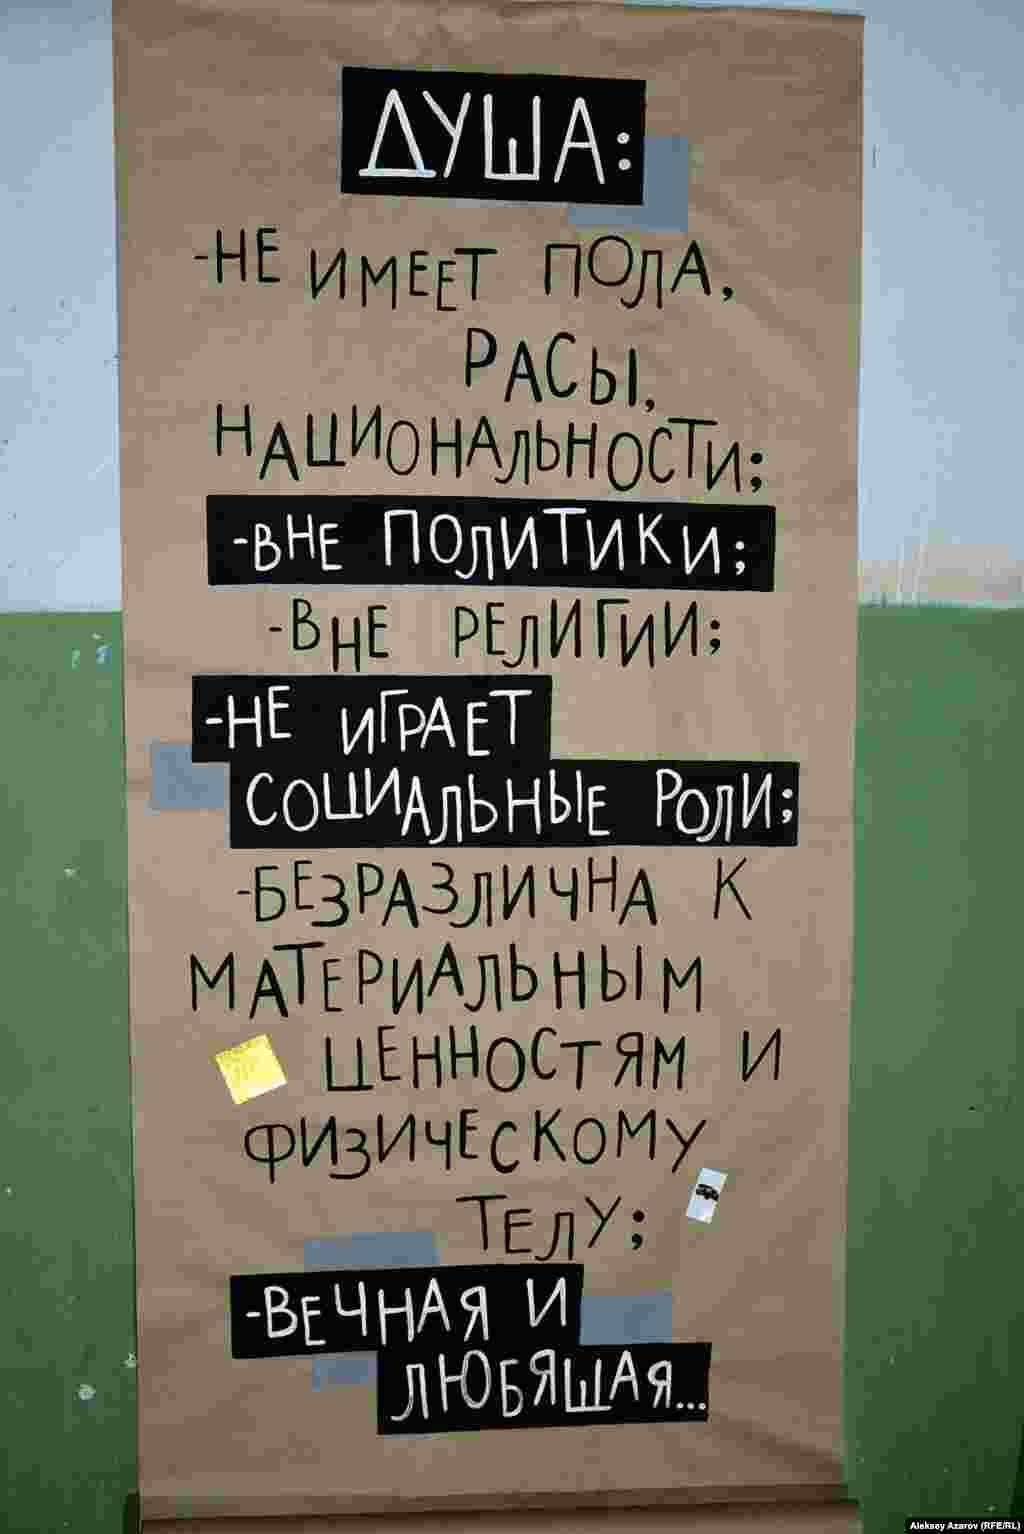 Далила Қанағат «Мен – жанмын» («Я – душа») атты бұл плакатында адам жаны жайлы өз түсінігін беруге тырысқан.